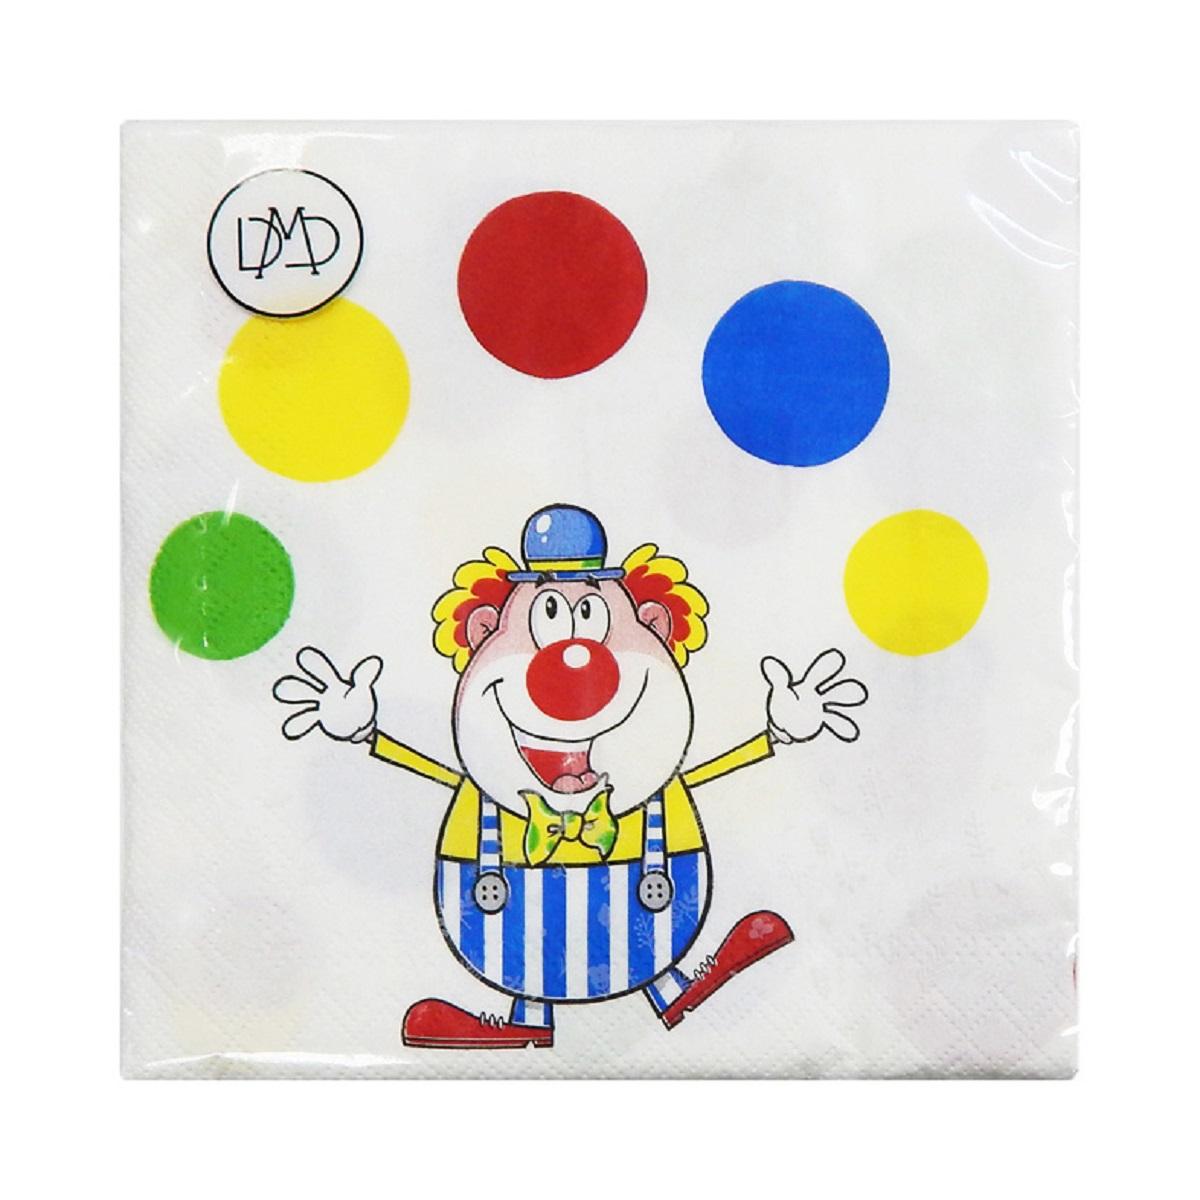 Бумажные салфетки DMD Клоун, 33х33 см, три слоя, 20 шт15466Для бытового и санитарно-гигиенического назначения одноразового использования.